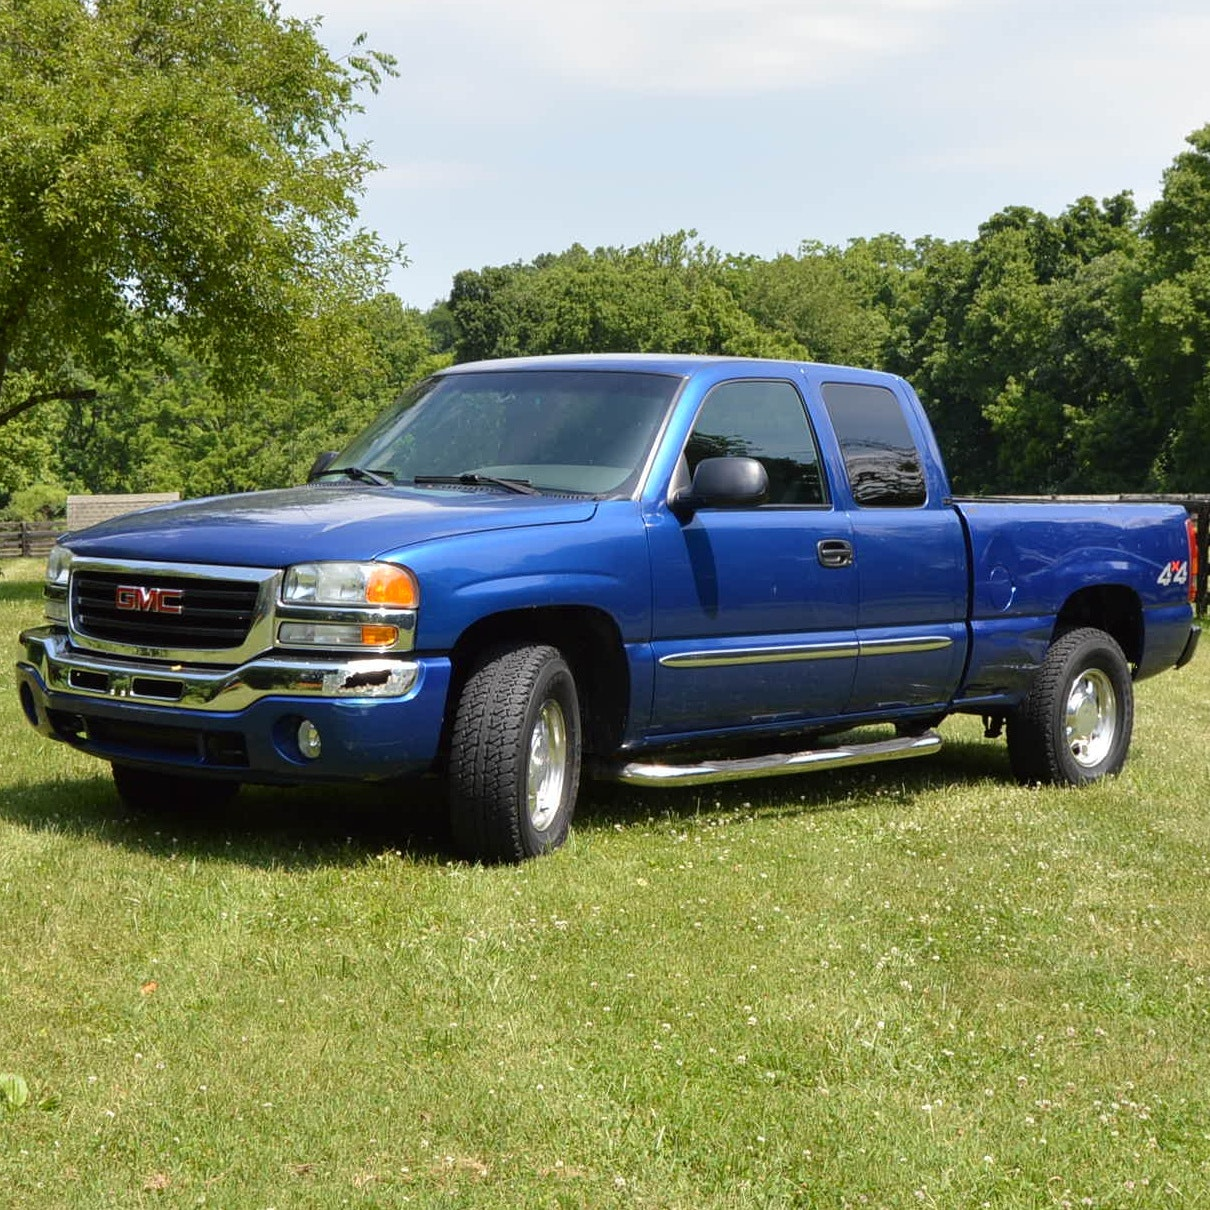 2003 GMC Sierra SLE Truck